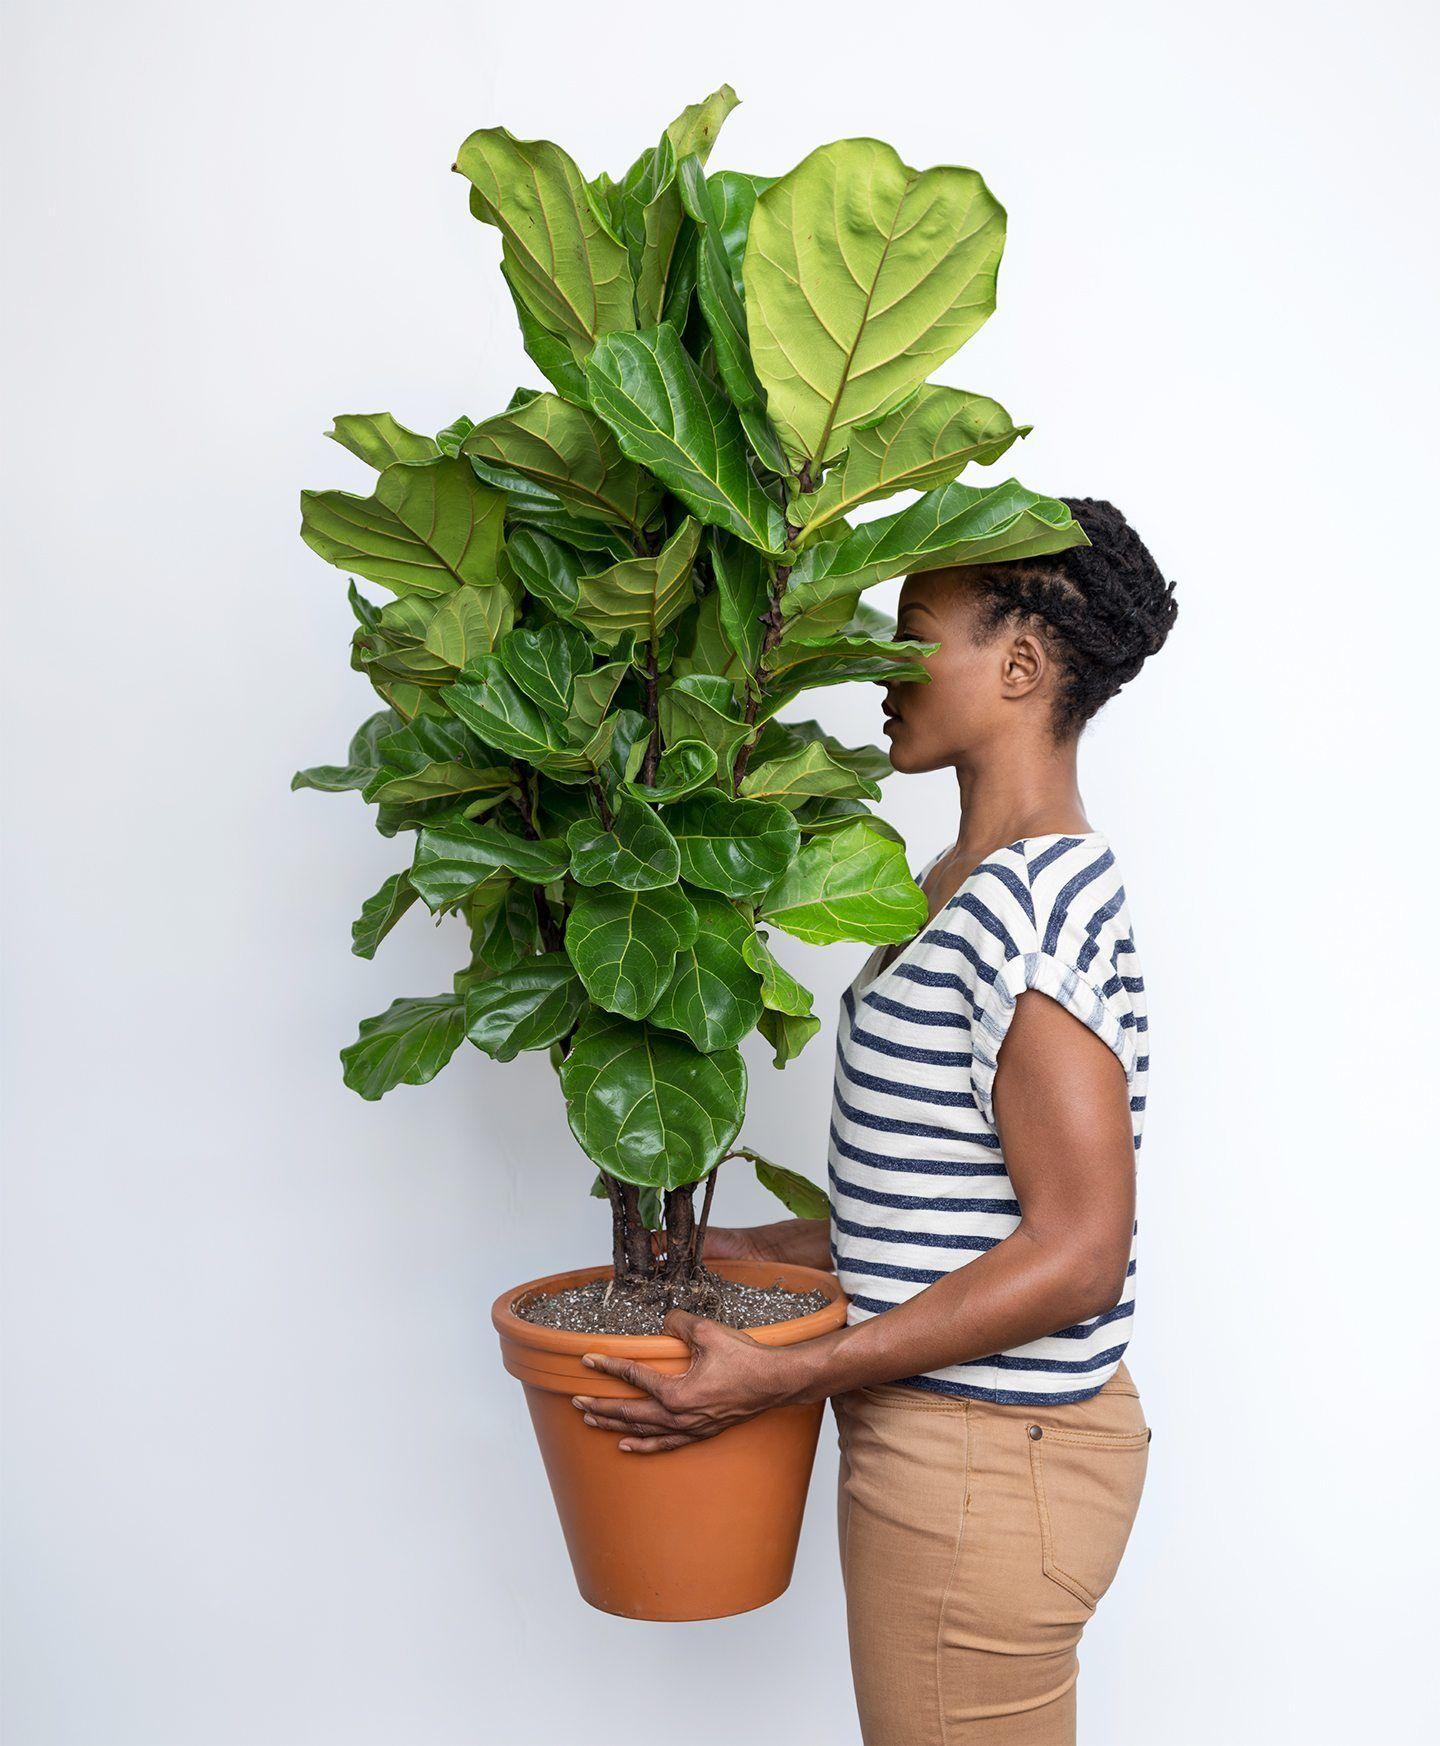 Buy Large, Potted Fiddle Leaf Fig Indoor Plant - Bloomscape